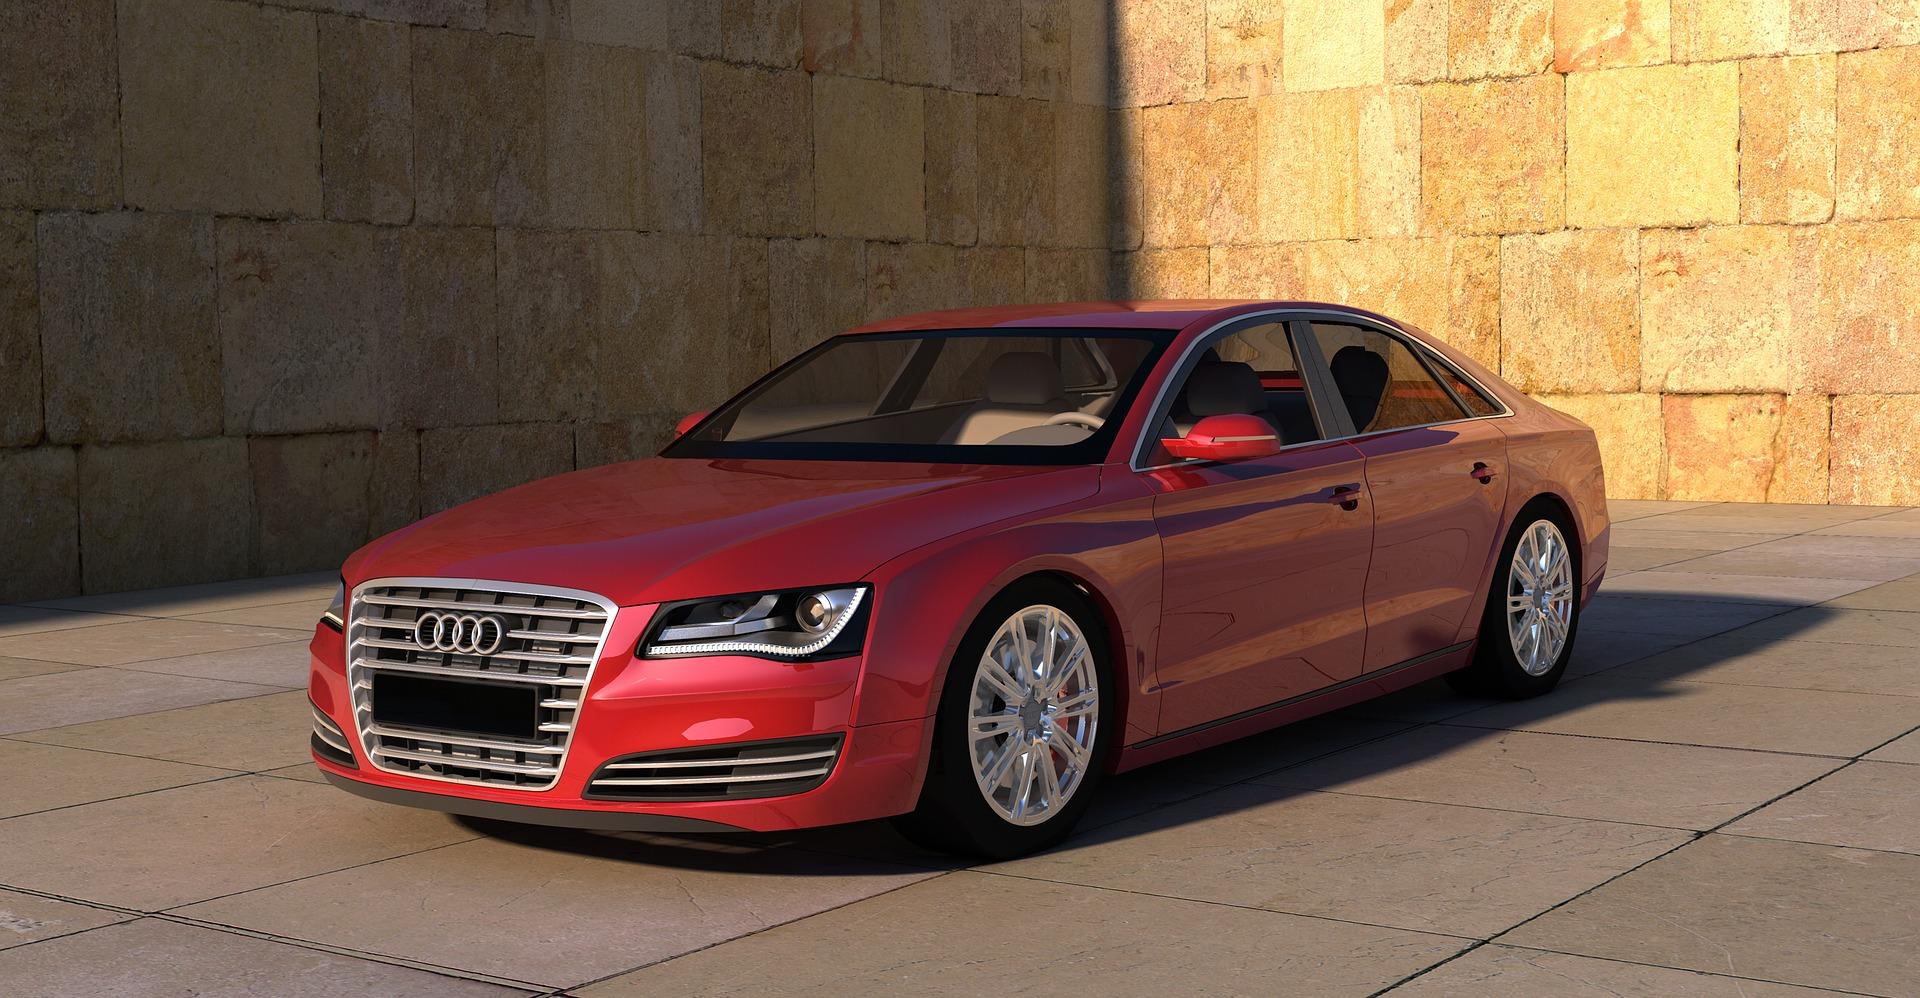 При отсутствии денежных средств можно взять автокредит без первоначального взноса на новый автомобиль